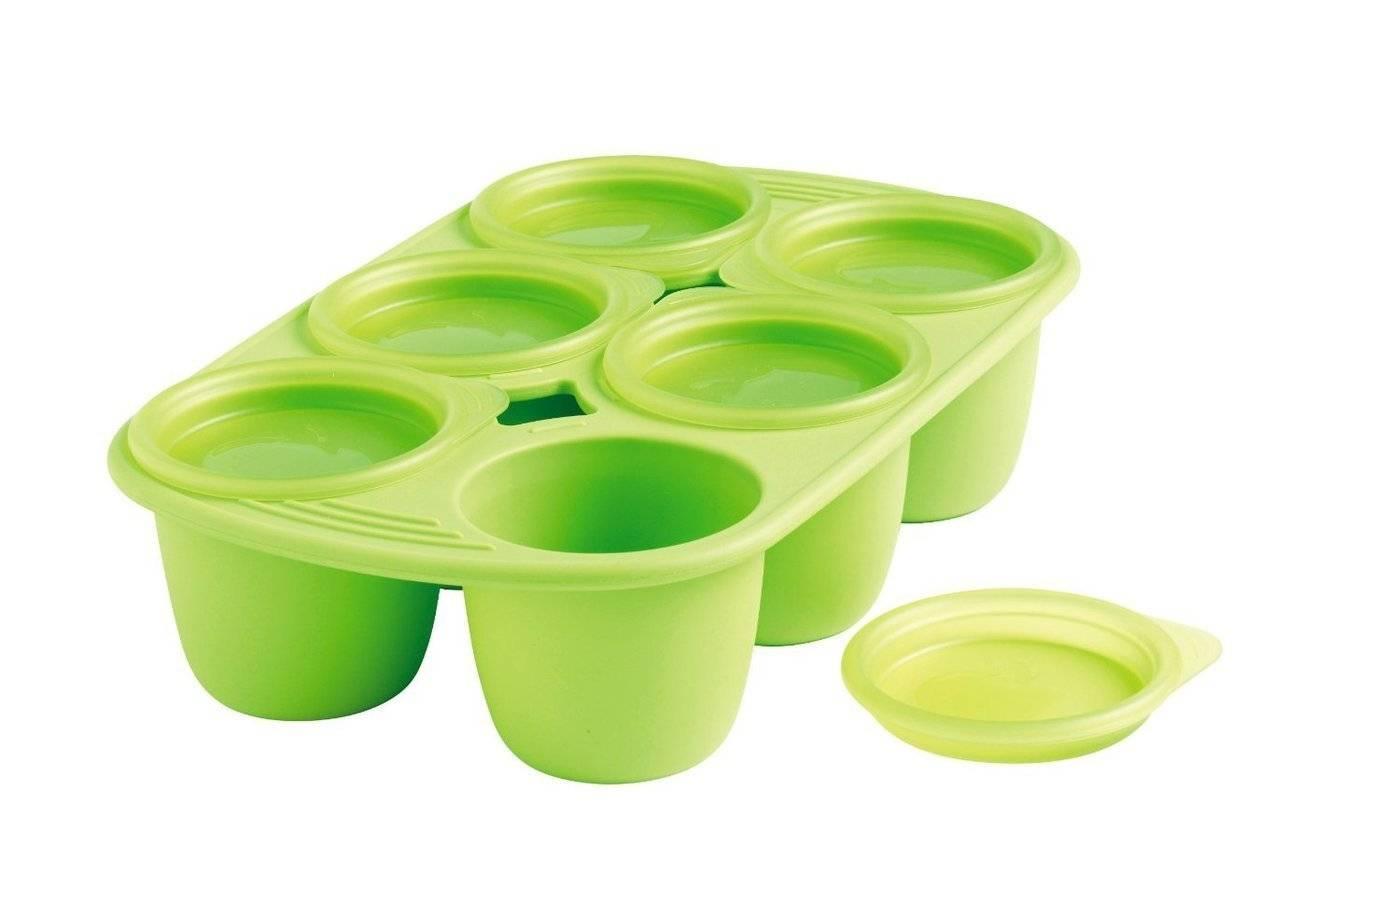 Silikonová miska Mastrad 6 porcí zelená 150ml - Mastrad